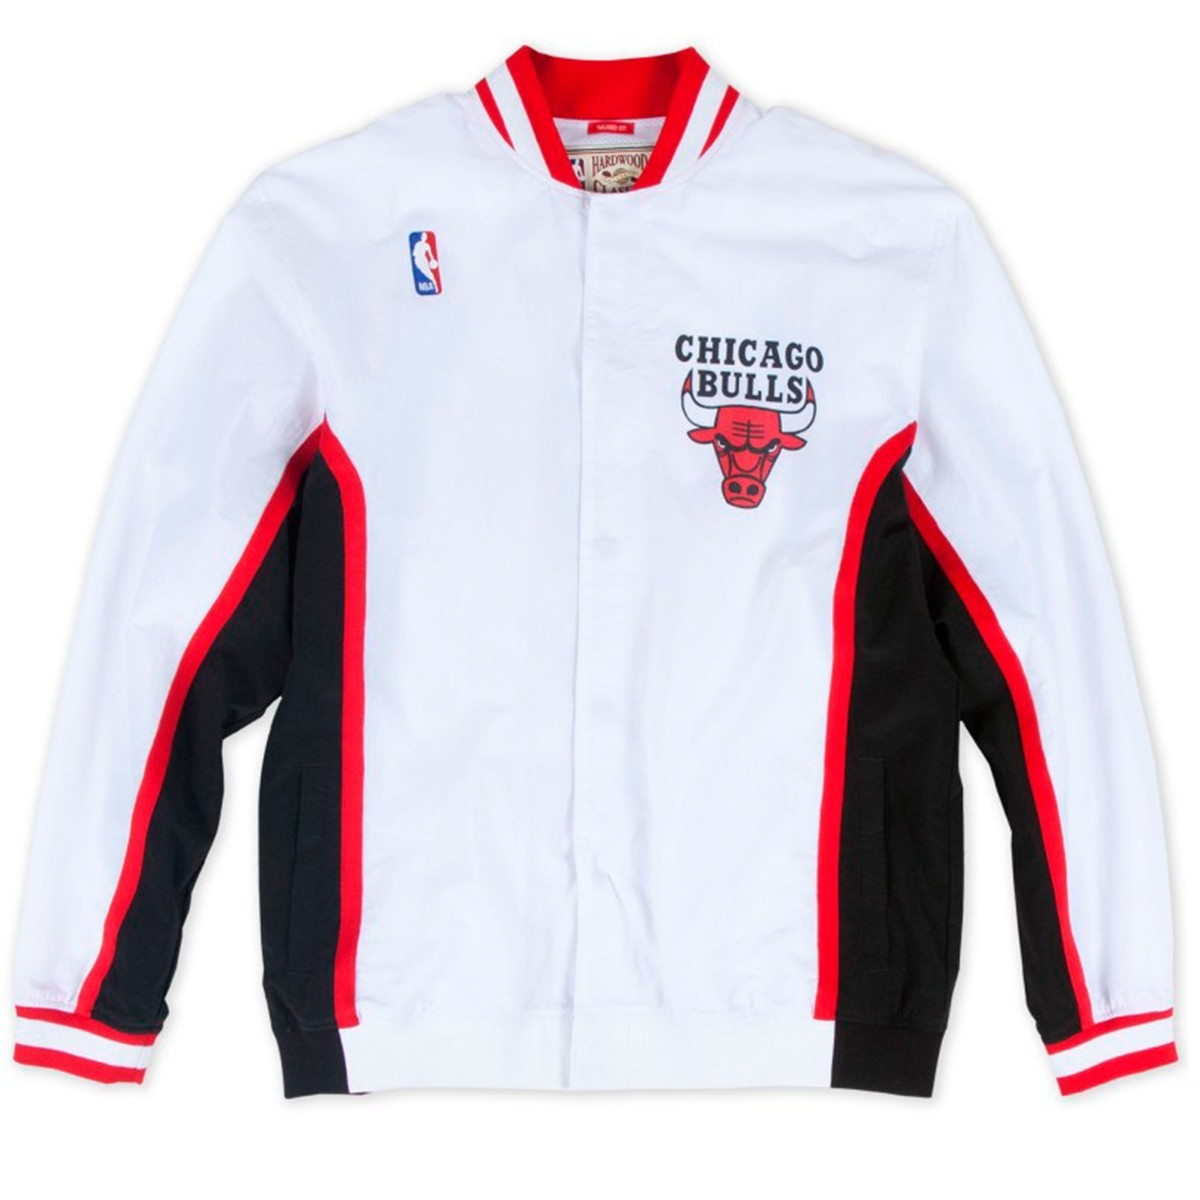 M&N Chicago Bulls Aut. Warmup Jacket 96-97 'White'-AWJKCP19042